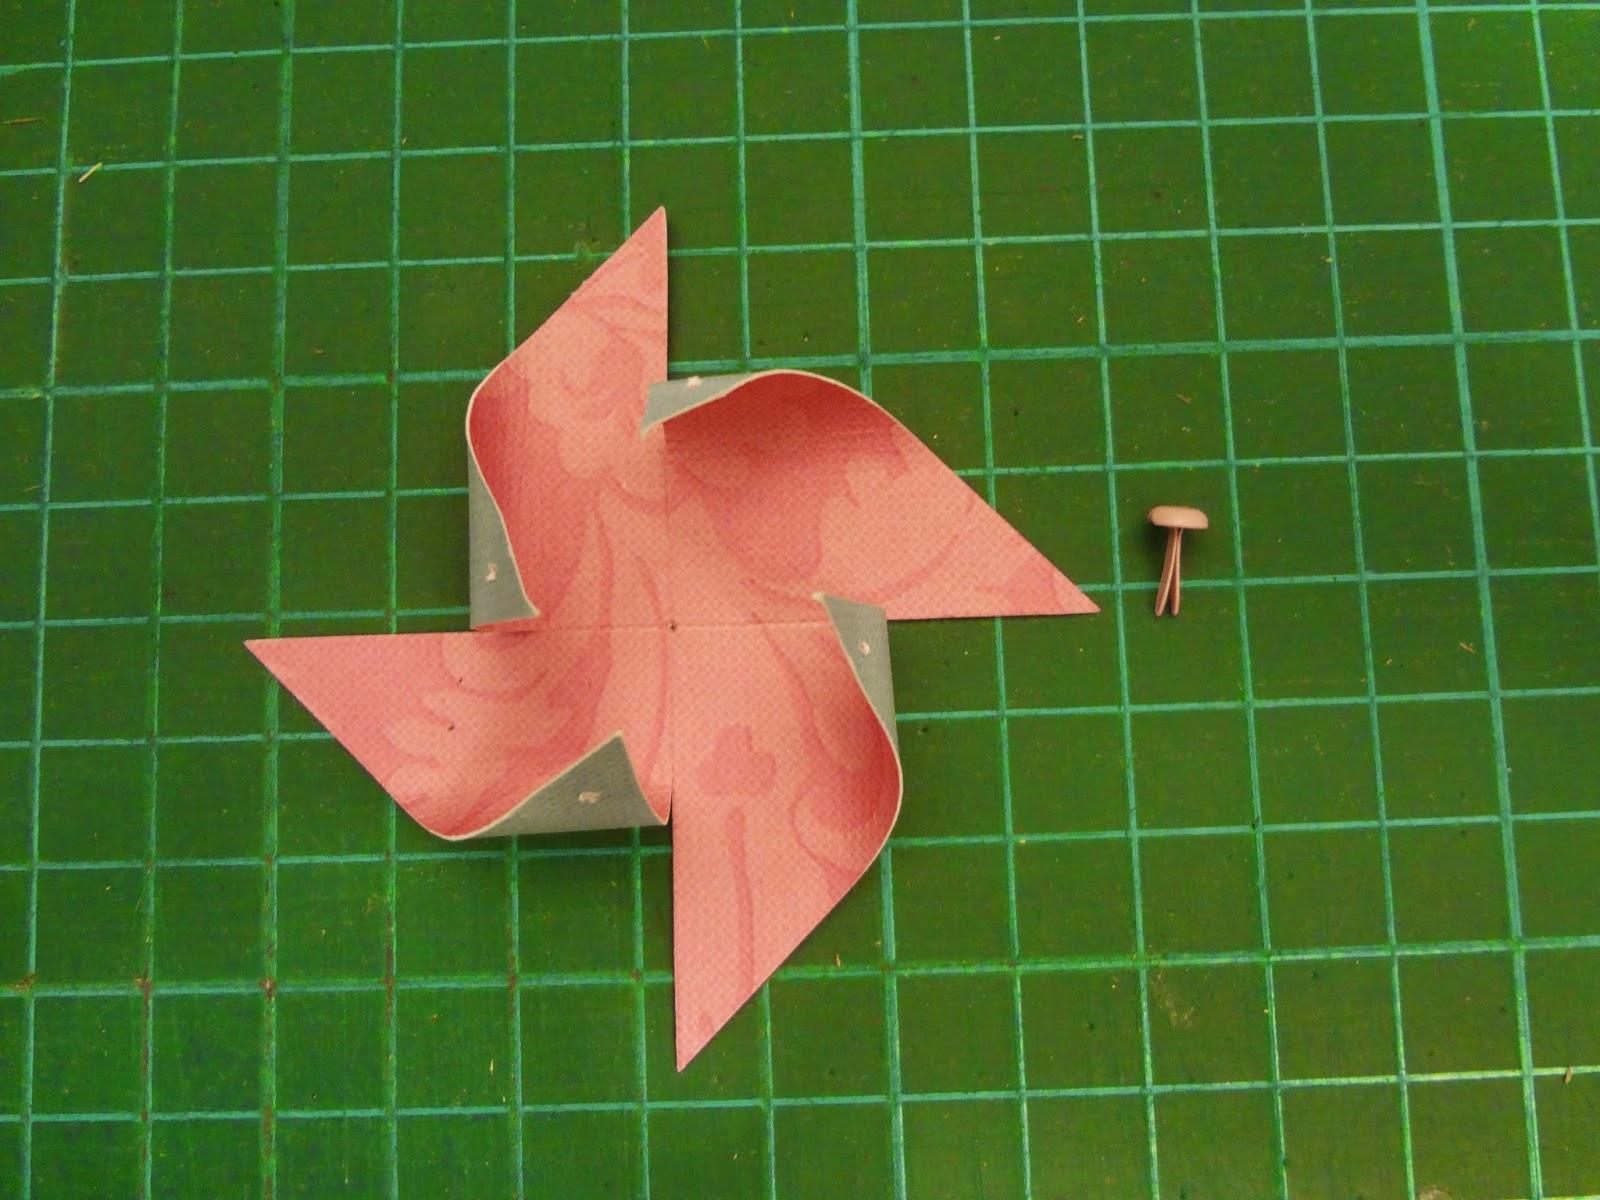 Ispirazzjoni: Скрапбукинг. Как сделать декоративную ветряную мельницу из бумаги своими руками.